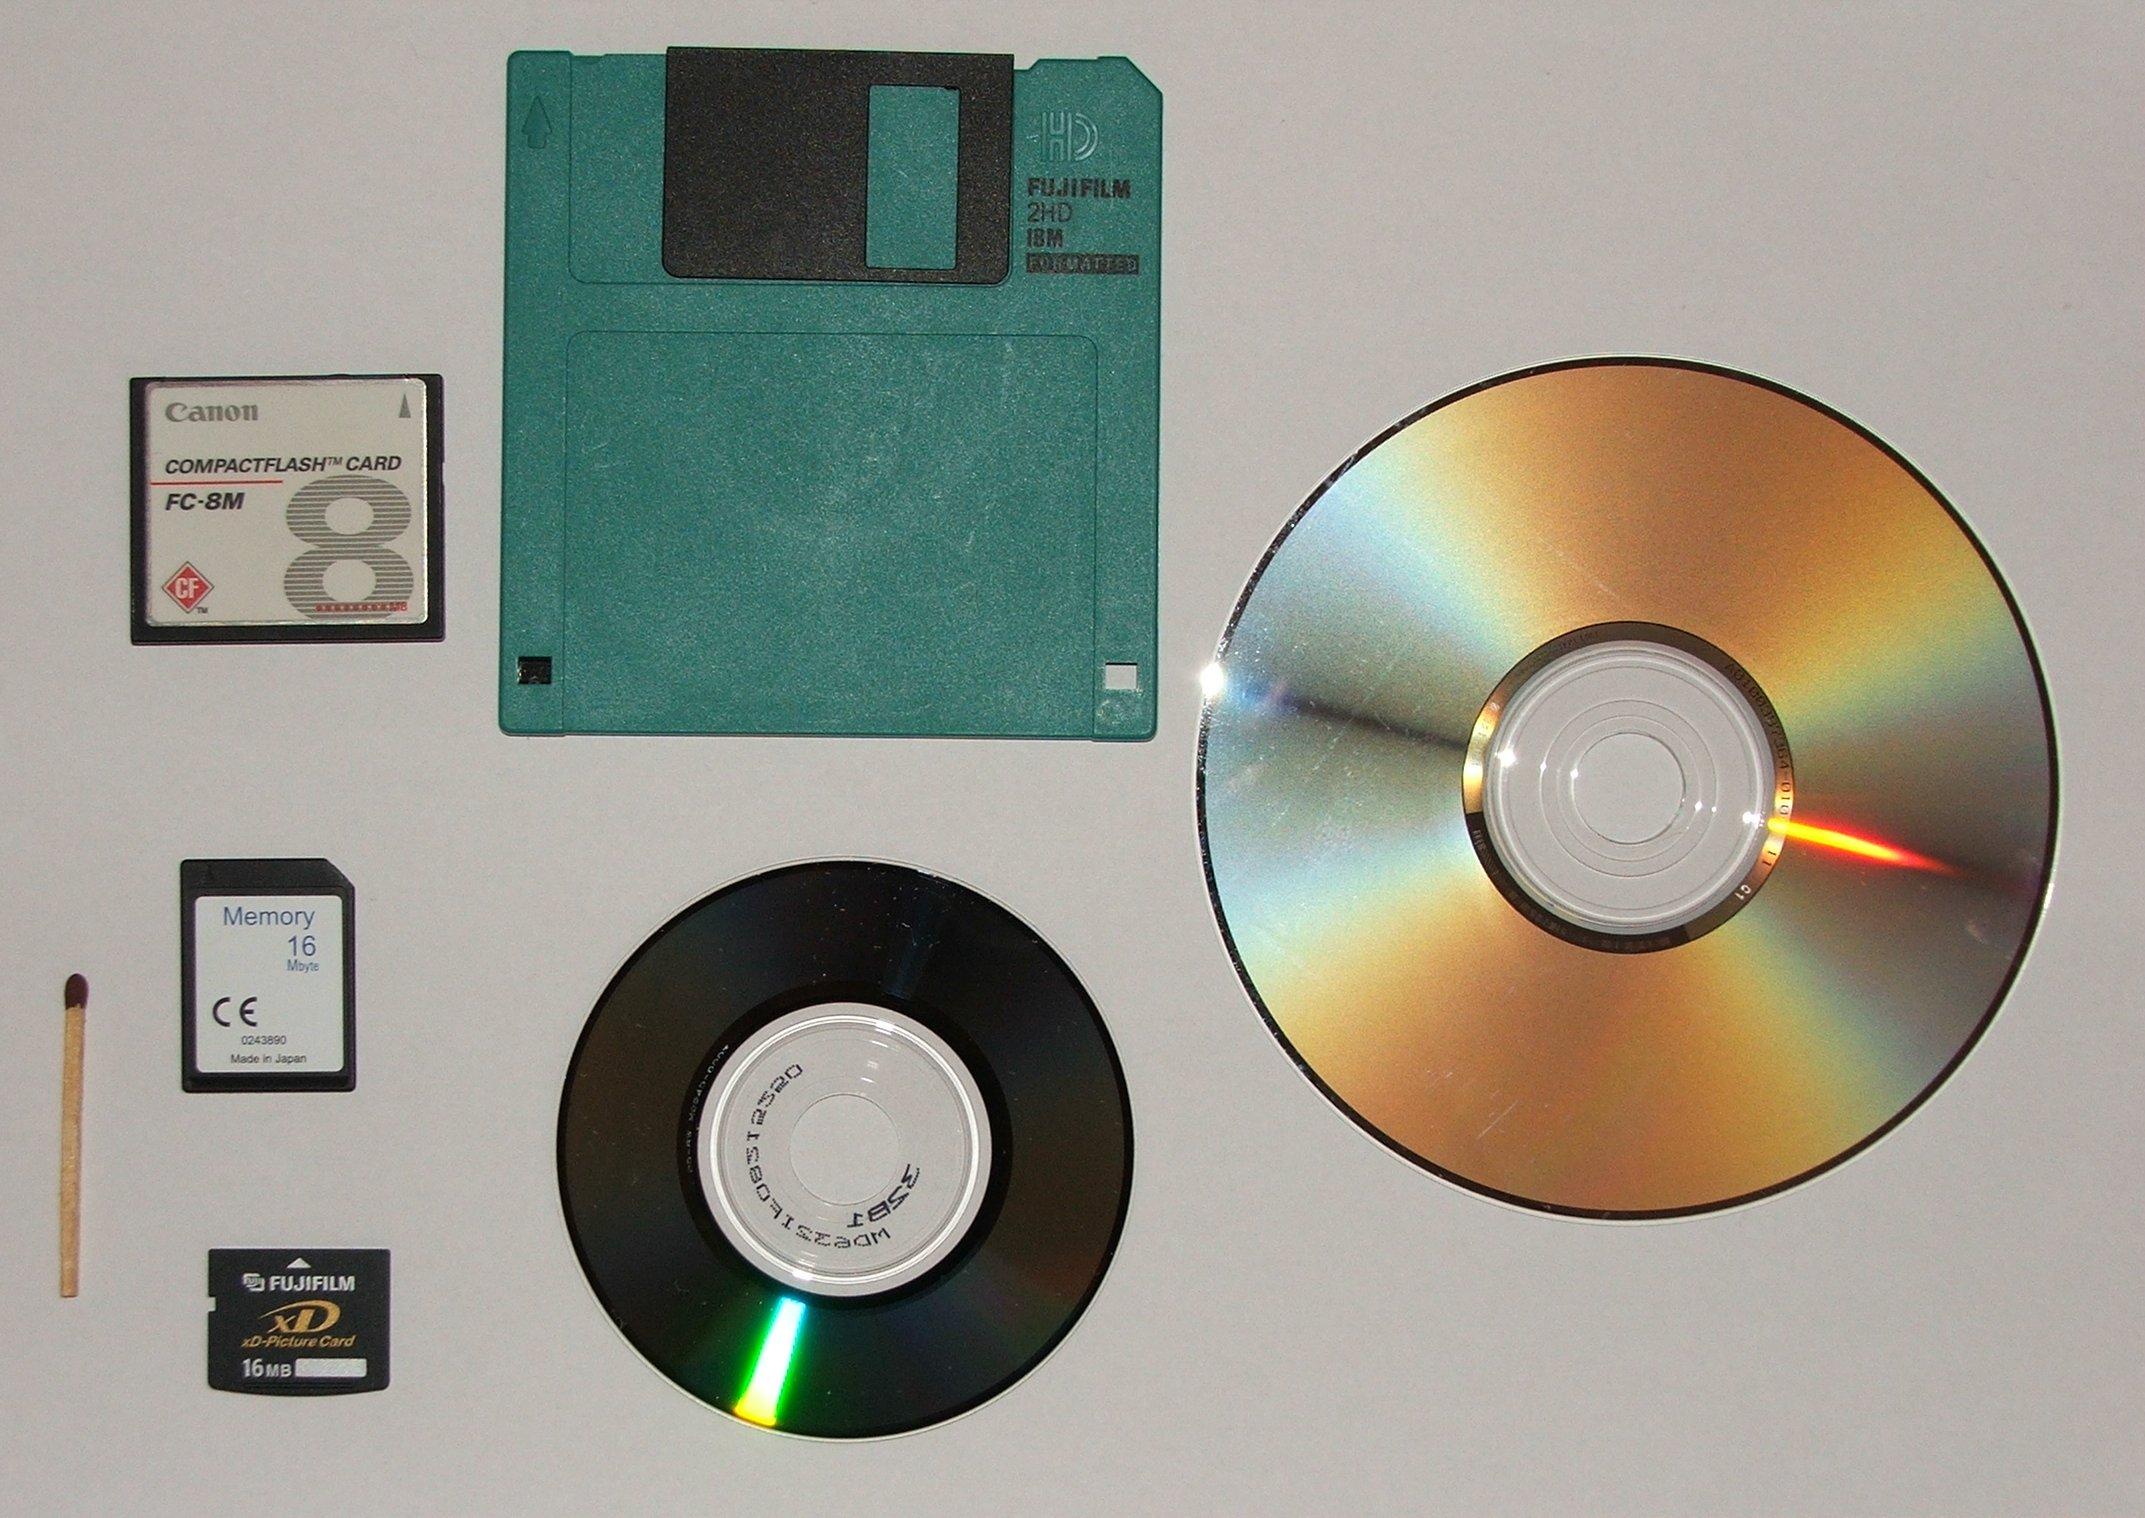 DISPOSITIVO DI ARCHIVIAZIONE DI MASSA USB DRIVERS FOR MAC